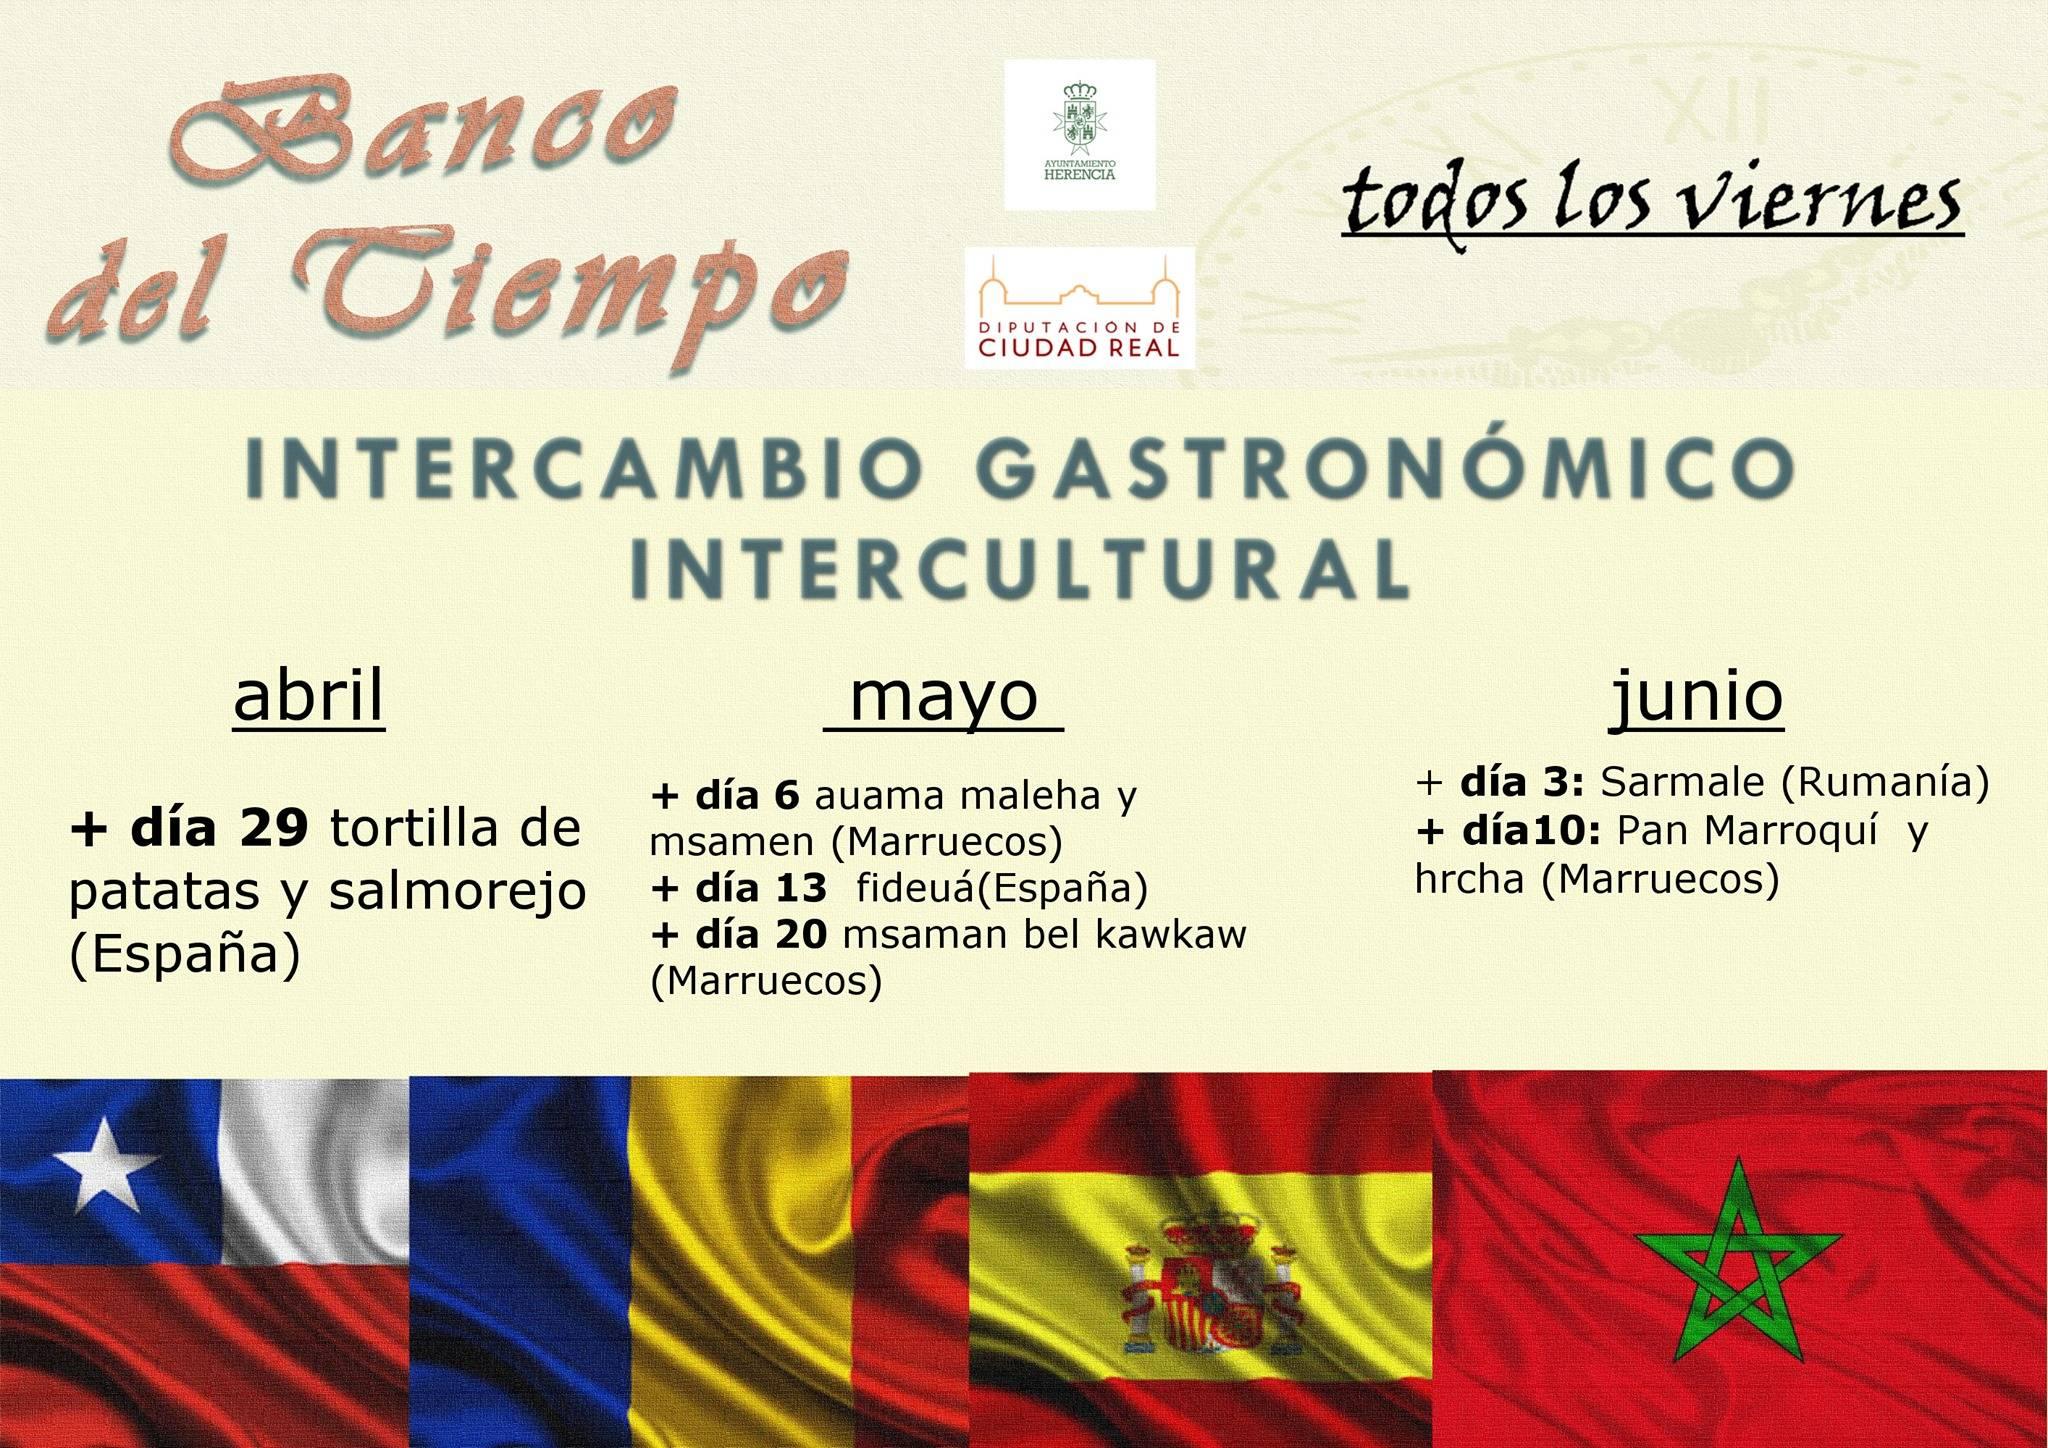 intercambio gastronómico intercultura